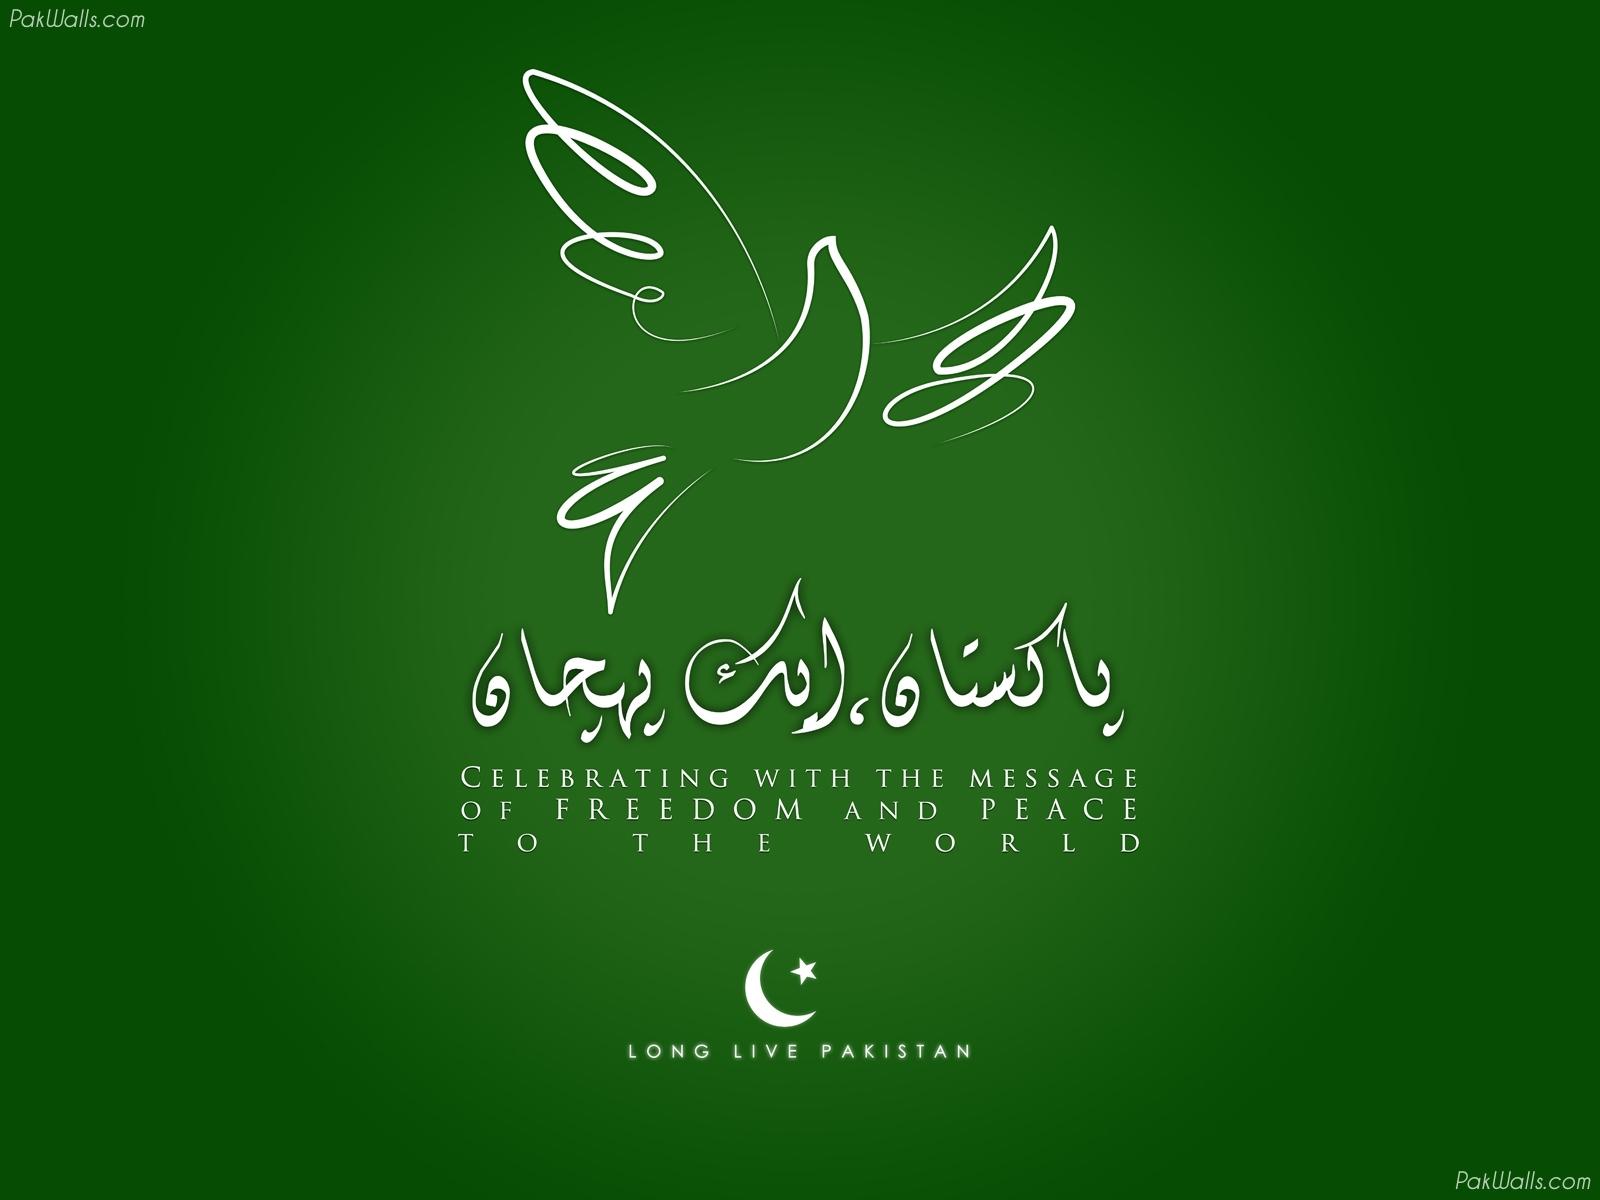 Love Wallpapers Pk : I Love Pakistan Wallpapers - WallpaperSafari